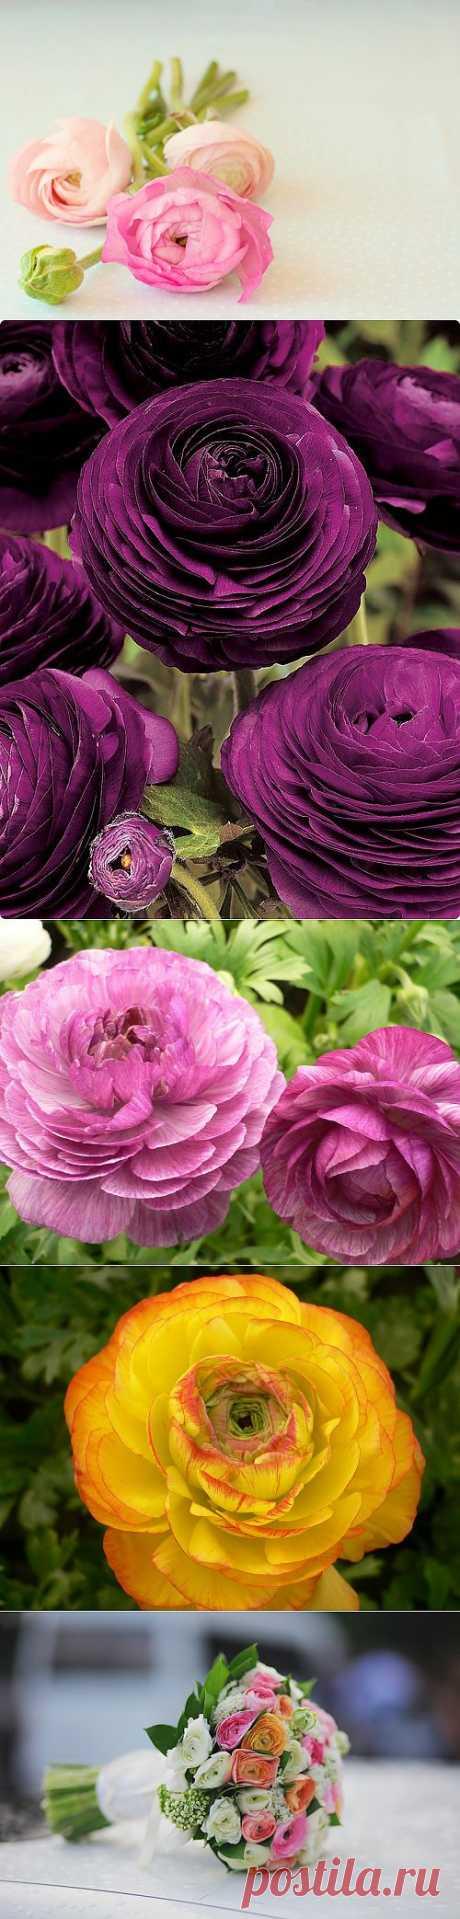 Ранункулюс – цветы невест.Посадка, уход, размножение и сорта. При взгляде на эти цветы невольно ощущаешь нежность и вдохновение.  Корневища ранункулюса — небольшие клубни, напоминающие по форме гусиные лапки. Приобретать клубни лучше осенью, так как есть вероятность, что они выкопаны не прошлой осенью или весной, а в этом сезоне, и могут пролежать до весны.